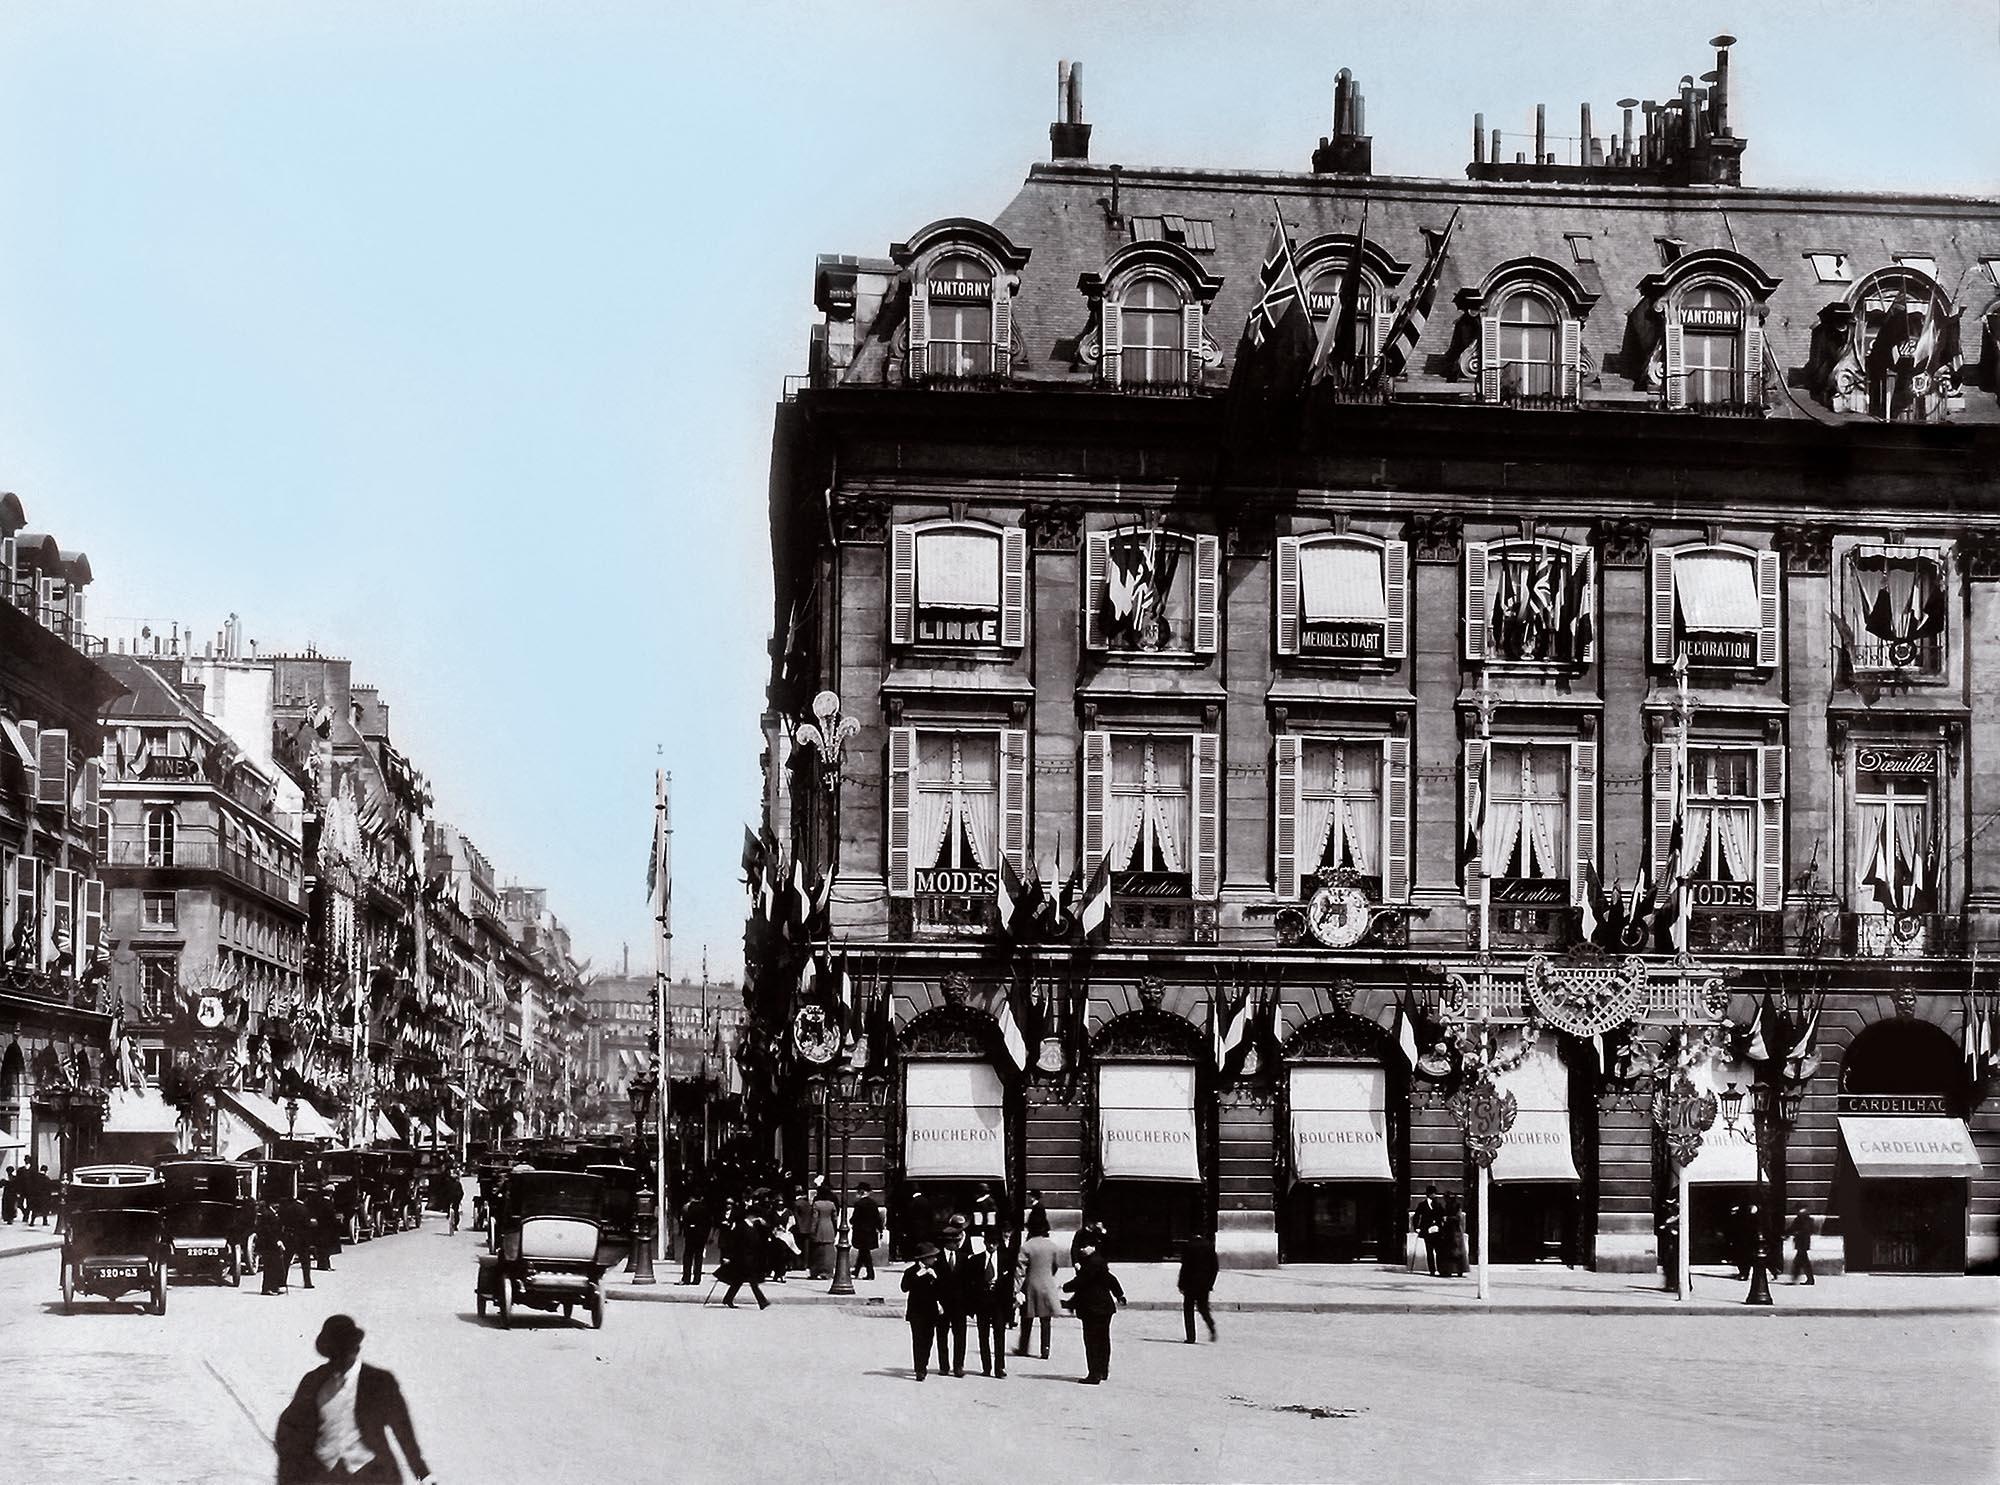 ヴァンドーム広場26番地、1893年当時の様子   © Kering